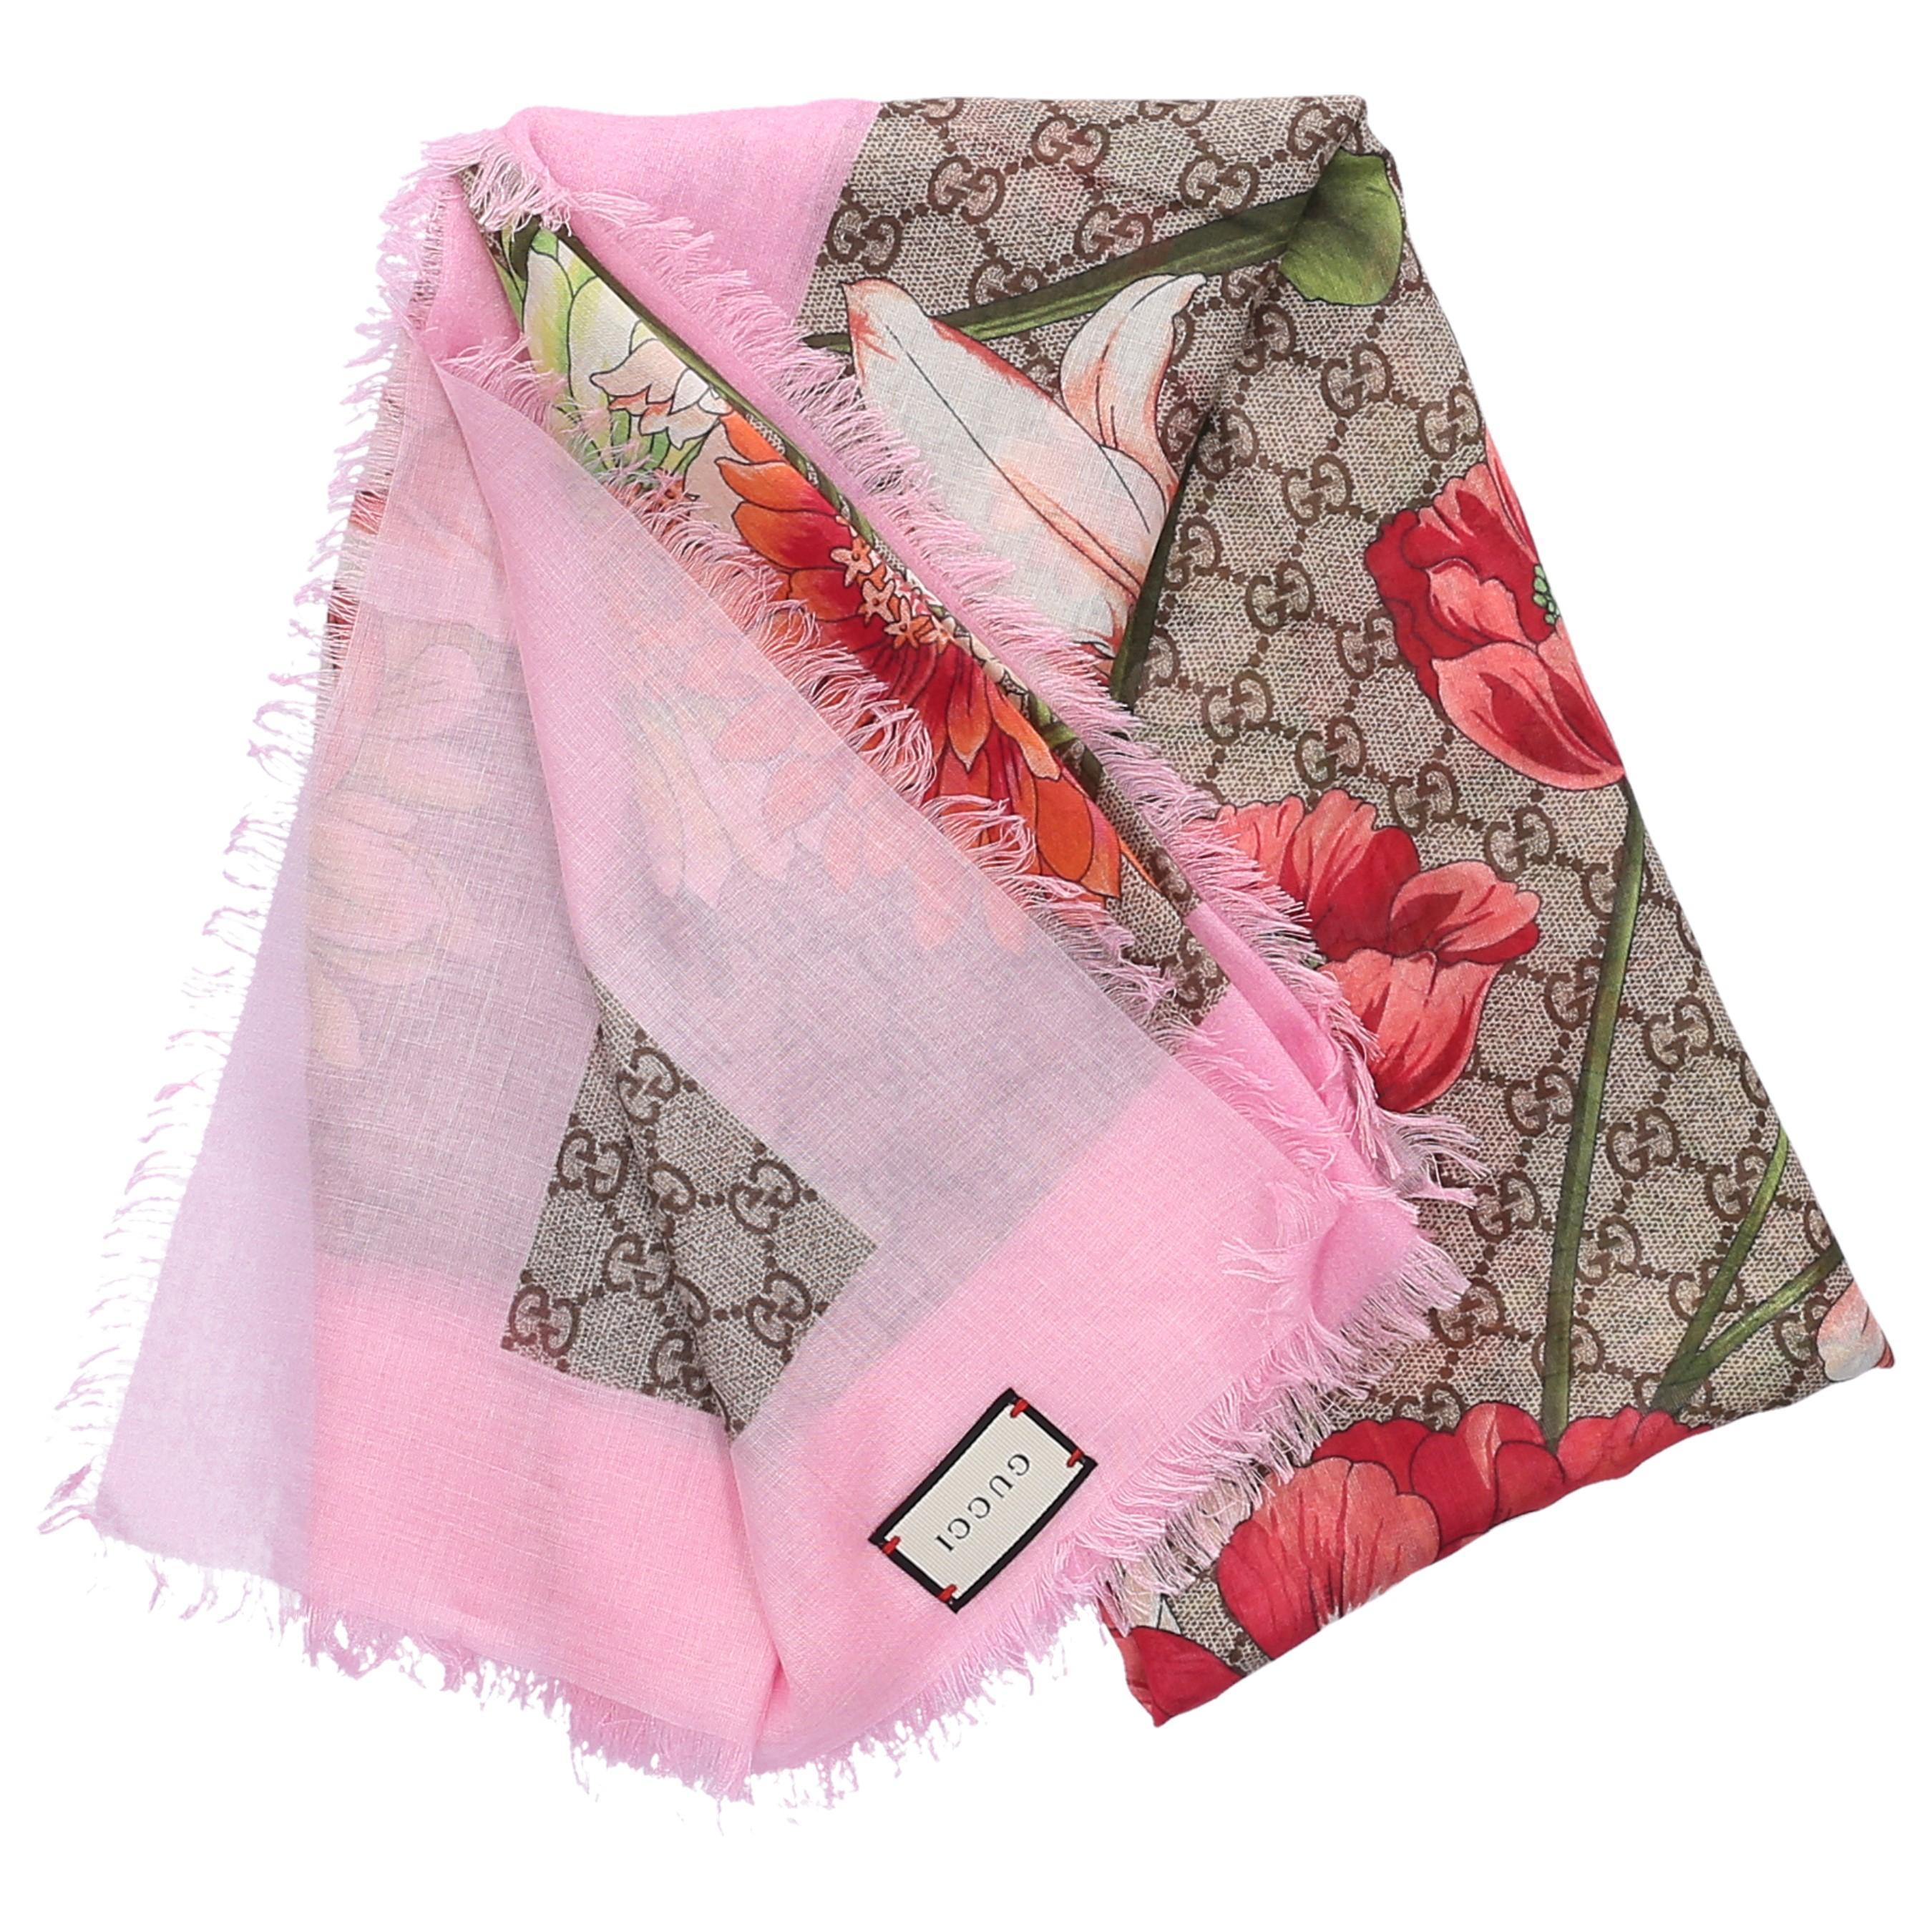 59eeee528f89b Gucci Schal 3G856 Baumwolle Logo Blumenmuster rosa beige in Pink - Lyst